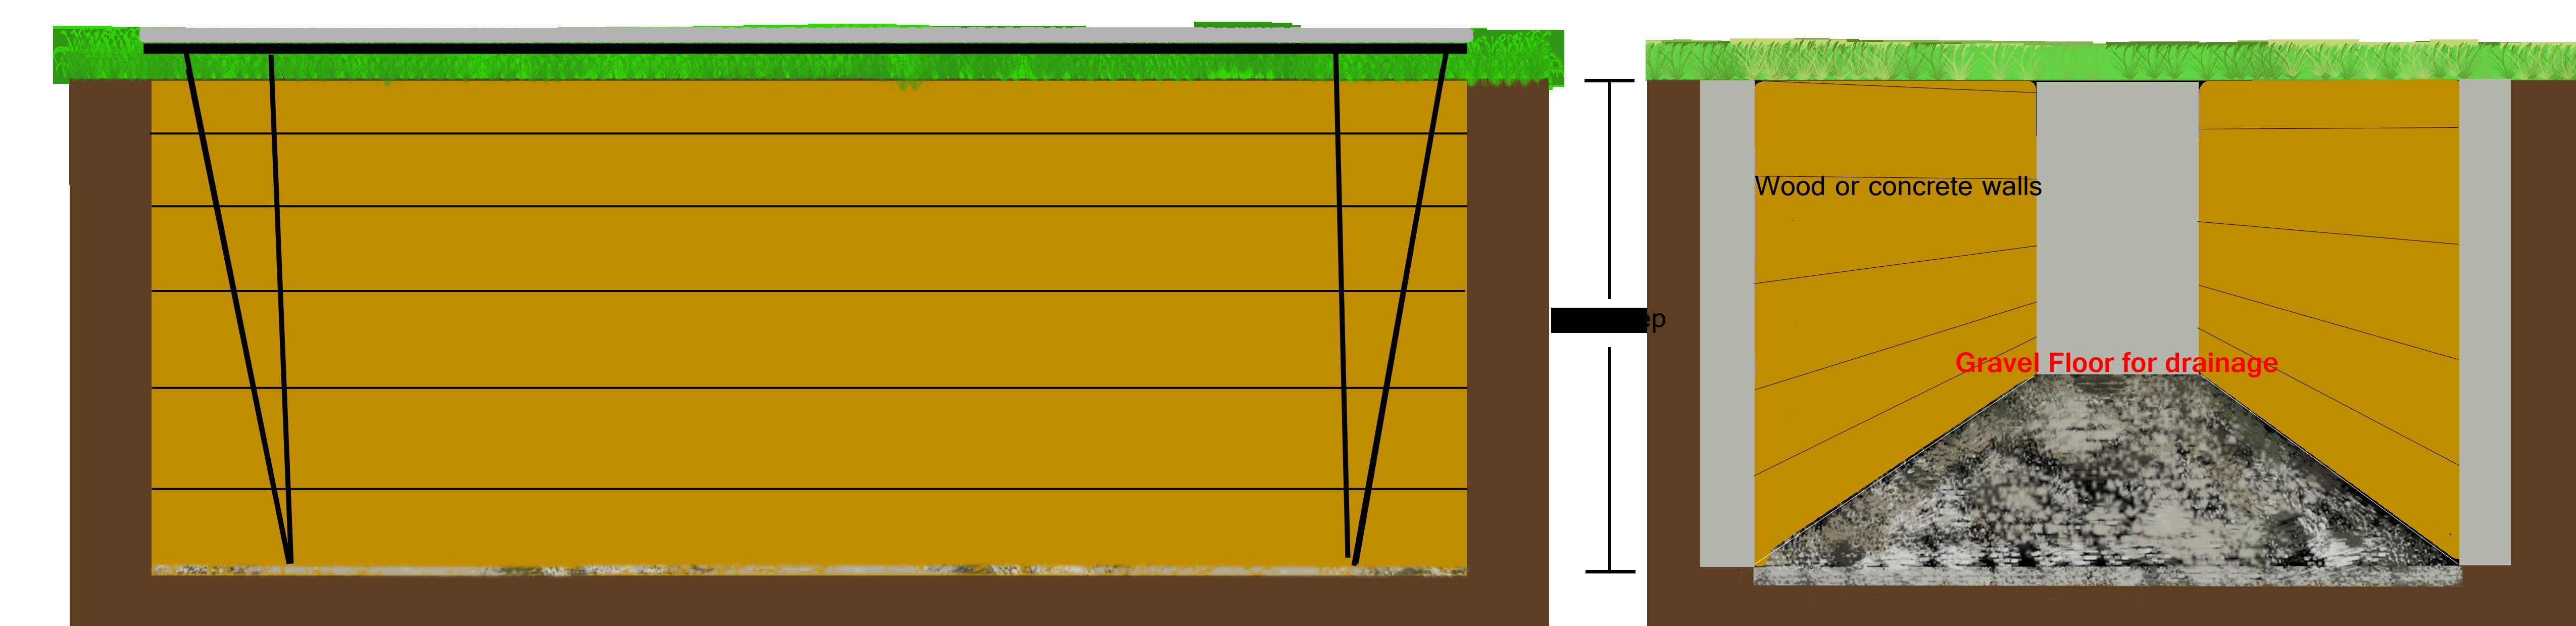 backyard-pit-diagram.png